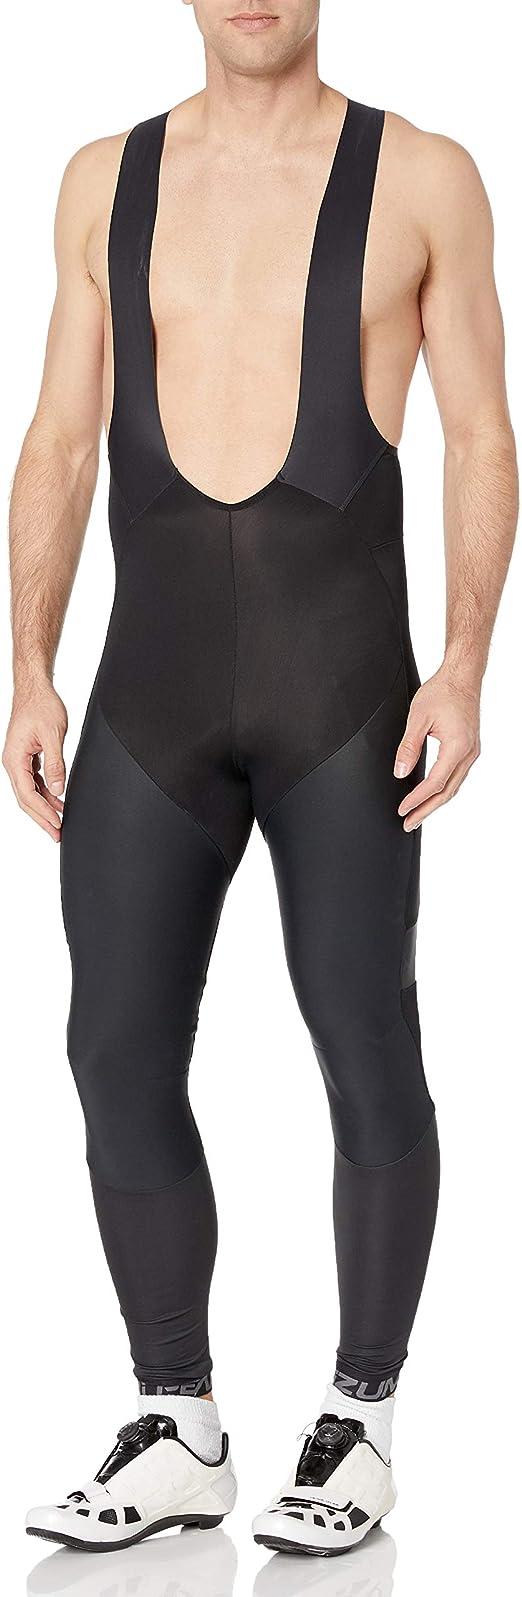 Large Black PEARL IZUMI Purr Thermal Cycling Bib Tights